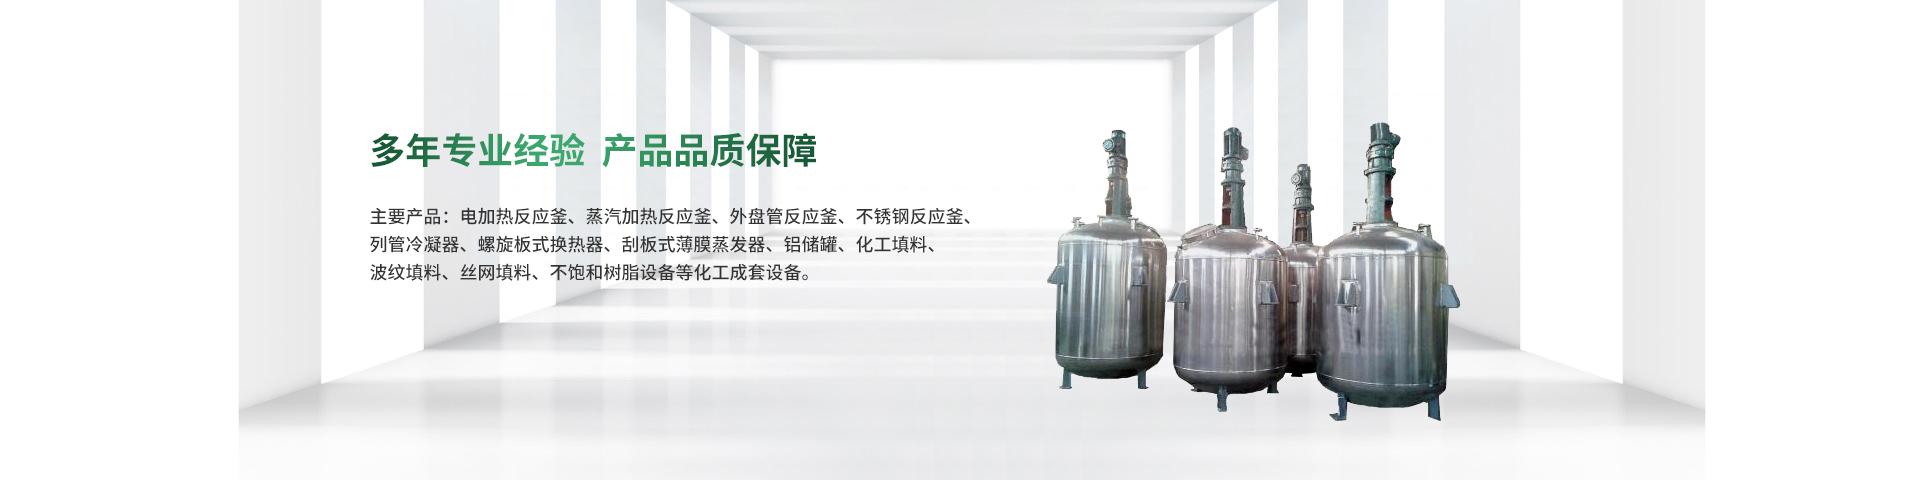 不銹鋼反應鍋廠家